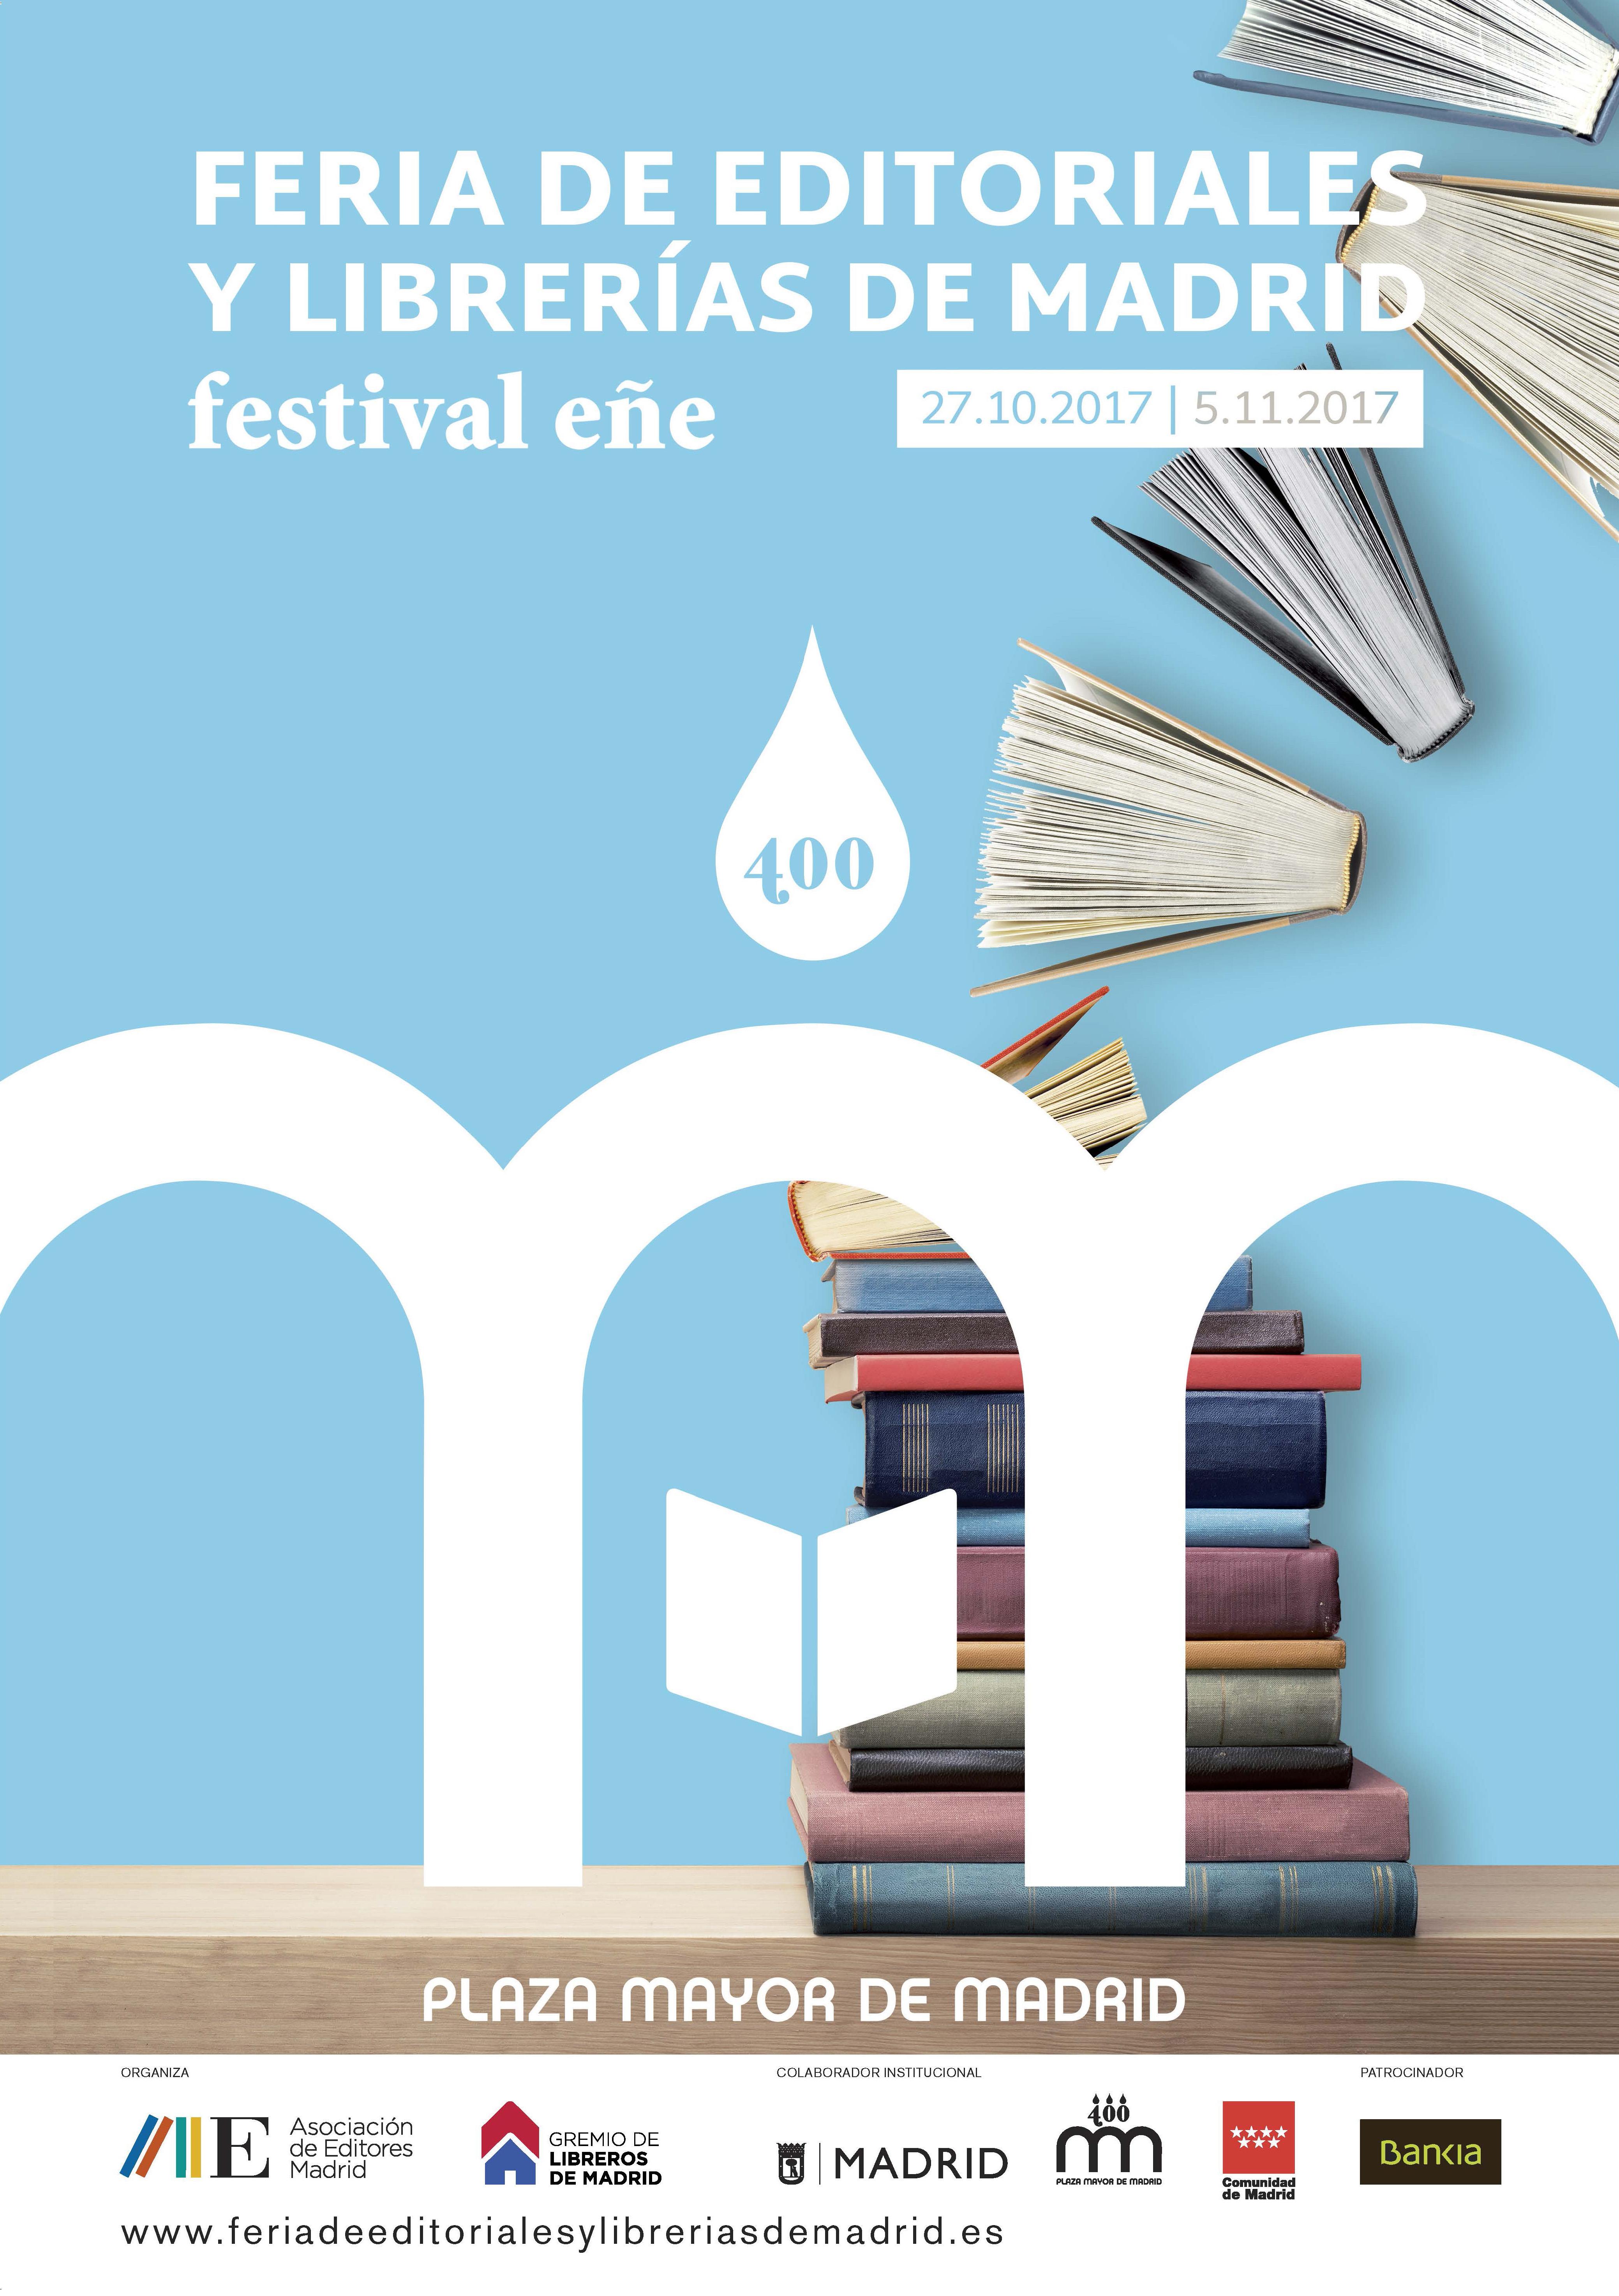 Llega la I Feria de Editoriales y Librerías de Madrid